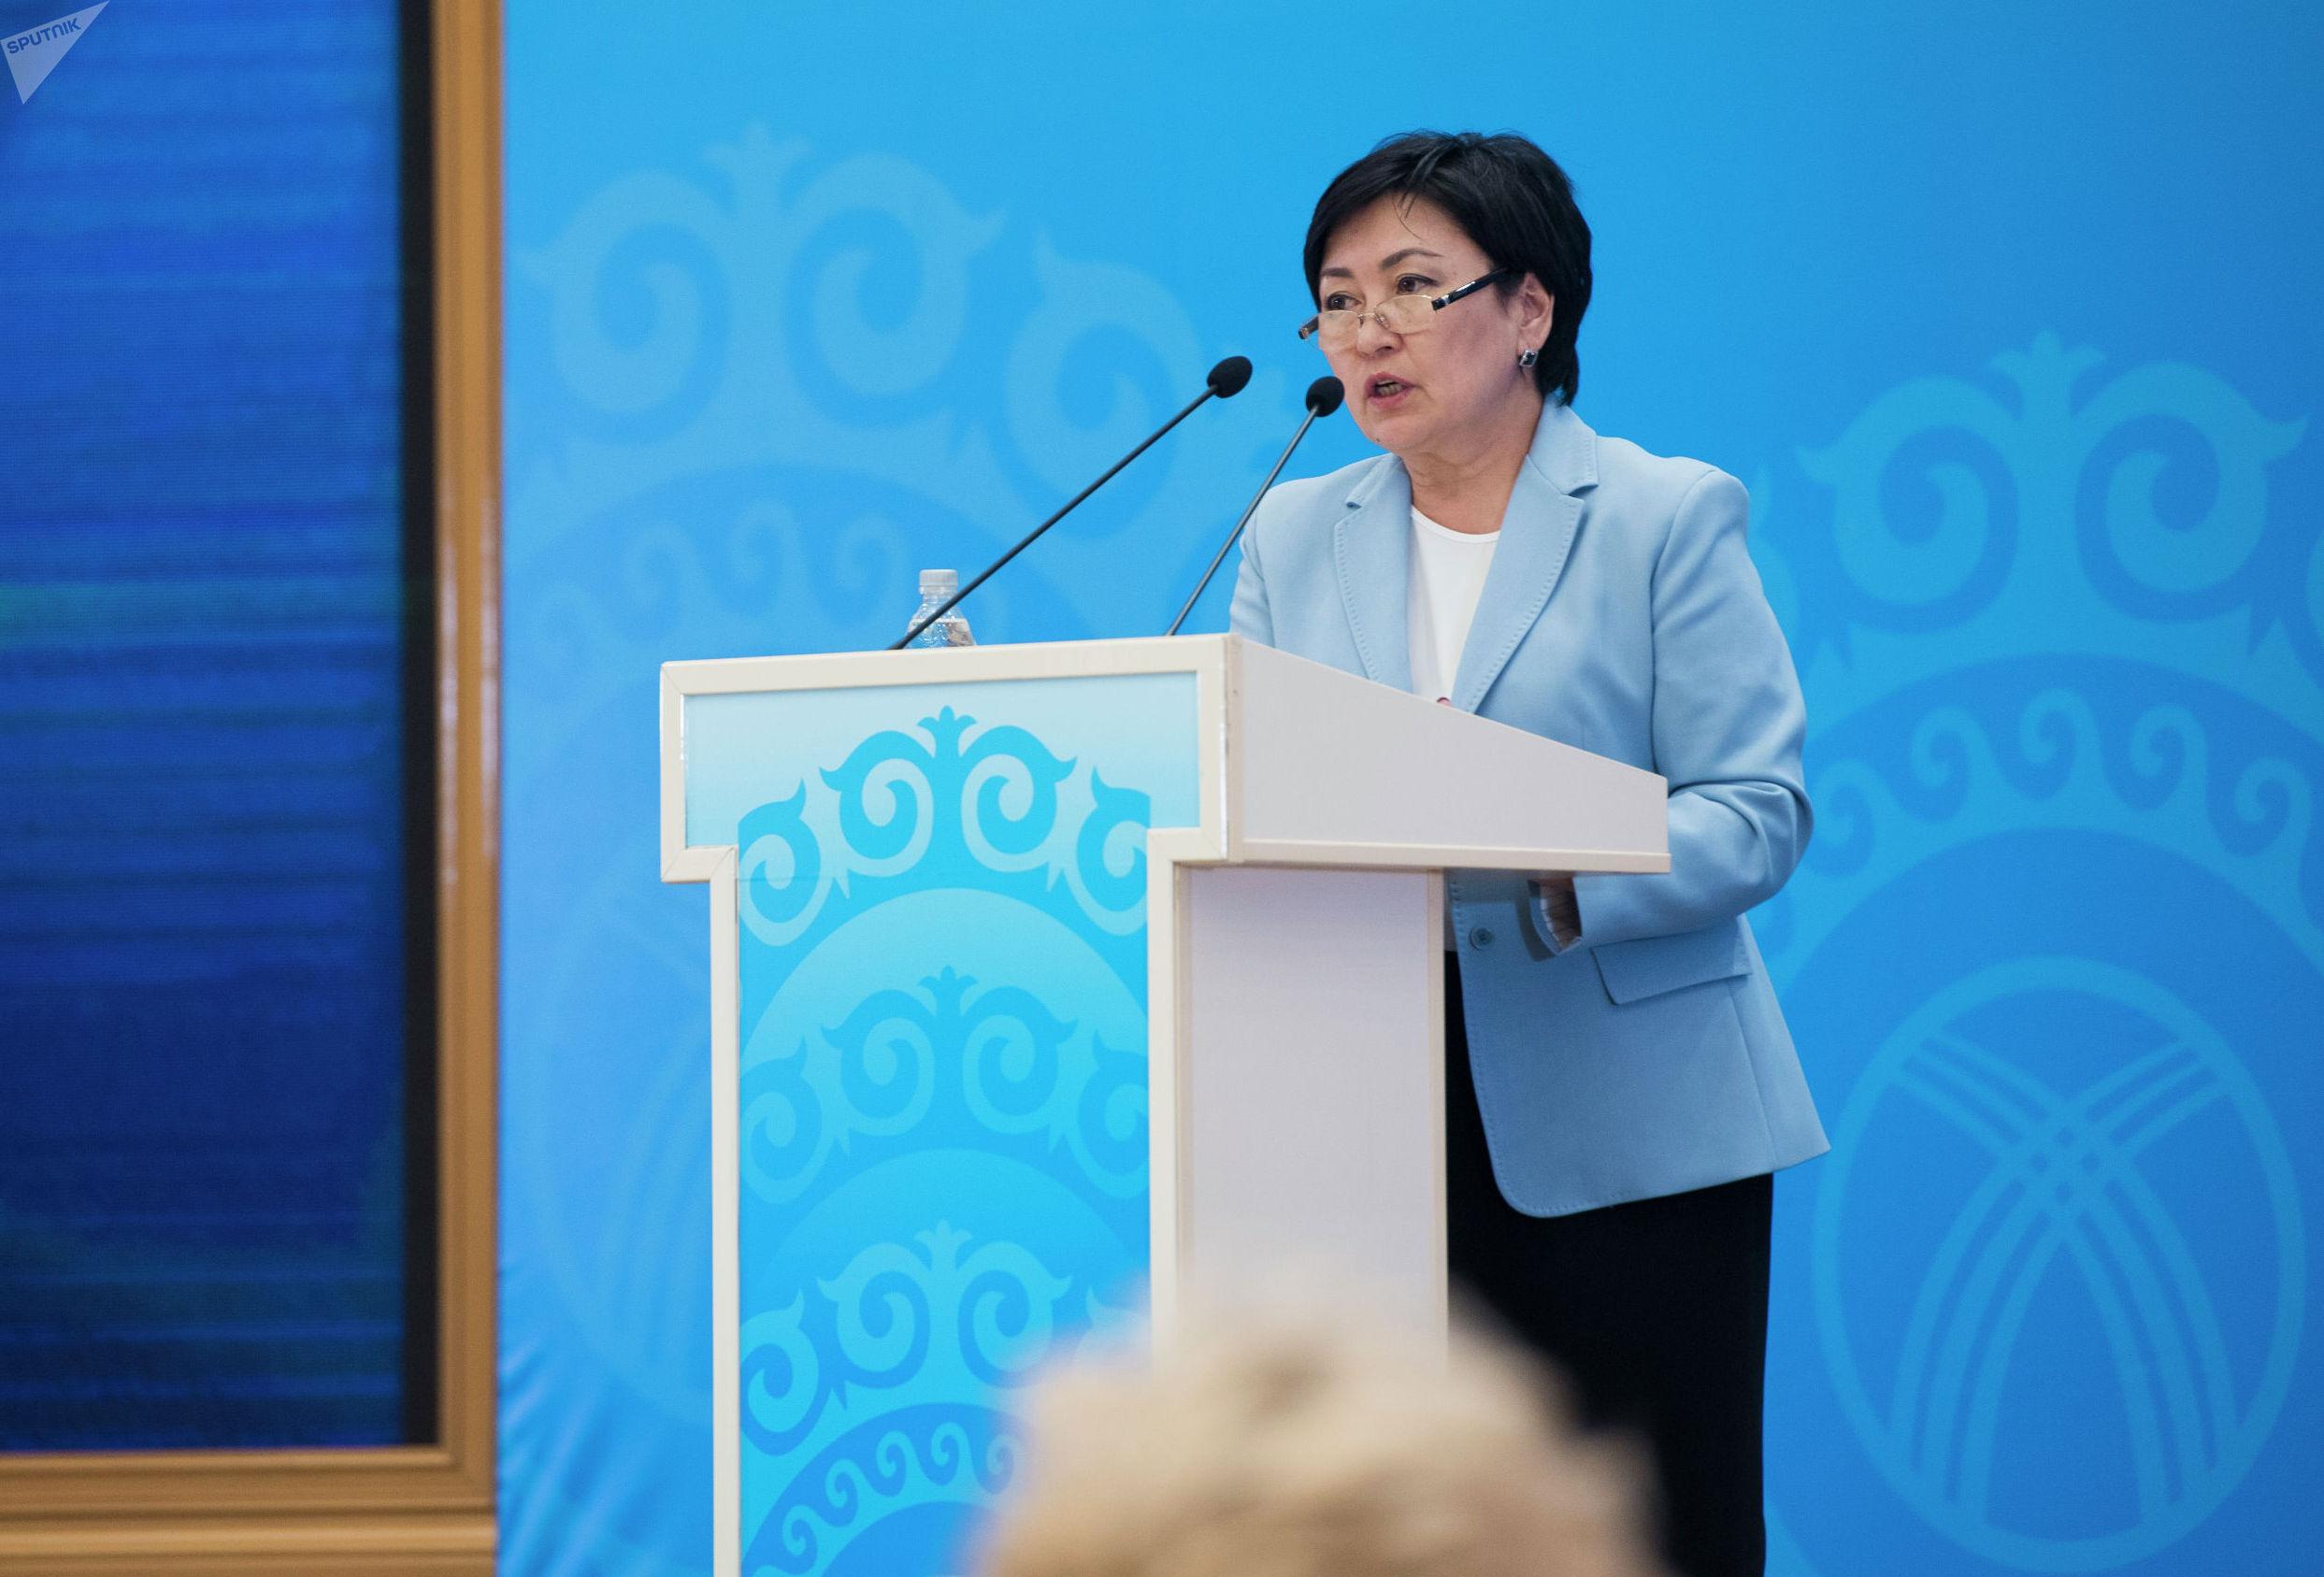 Министр образования КР Гульмира Кудайбердиева приняла участие в работе Национального форума, посвящённого 30-летию принятия конвенции ООН по правам ребёнка и 25-летию присоединения Кыргызской Республики к данной конвенции.